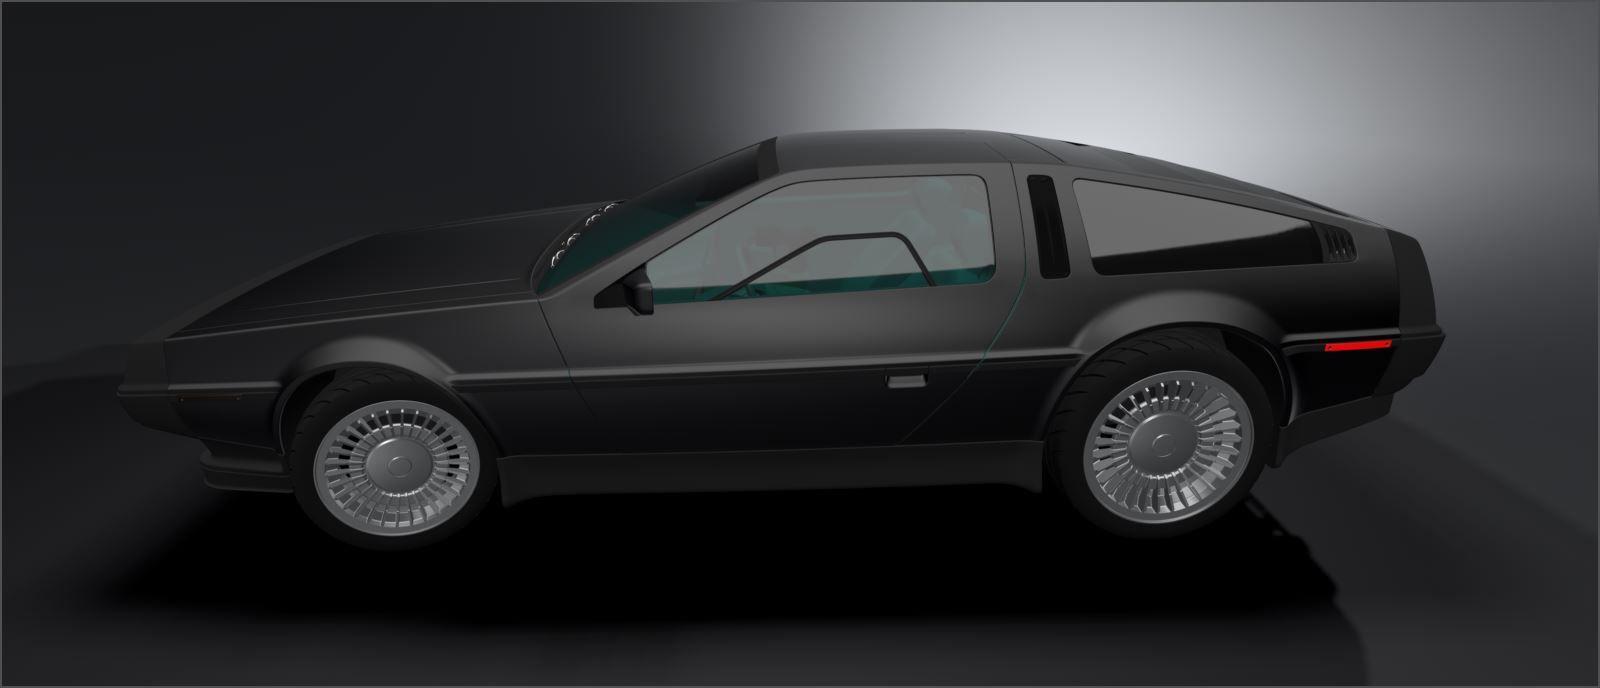 Preliminar-render-side-3500-3500